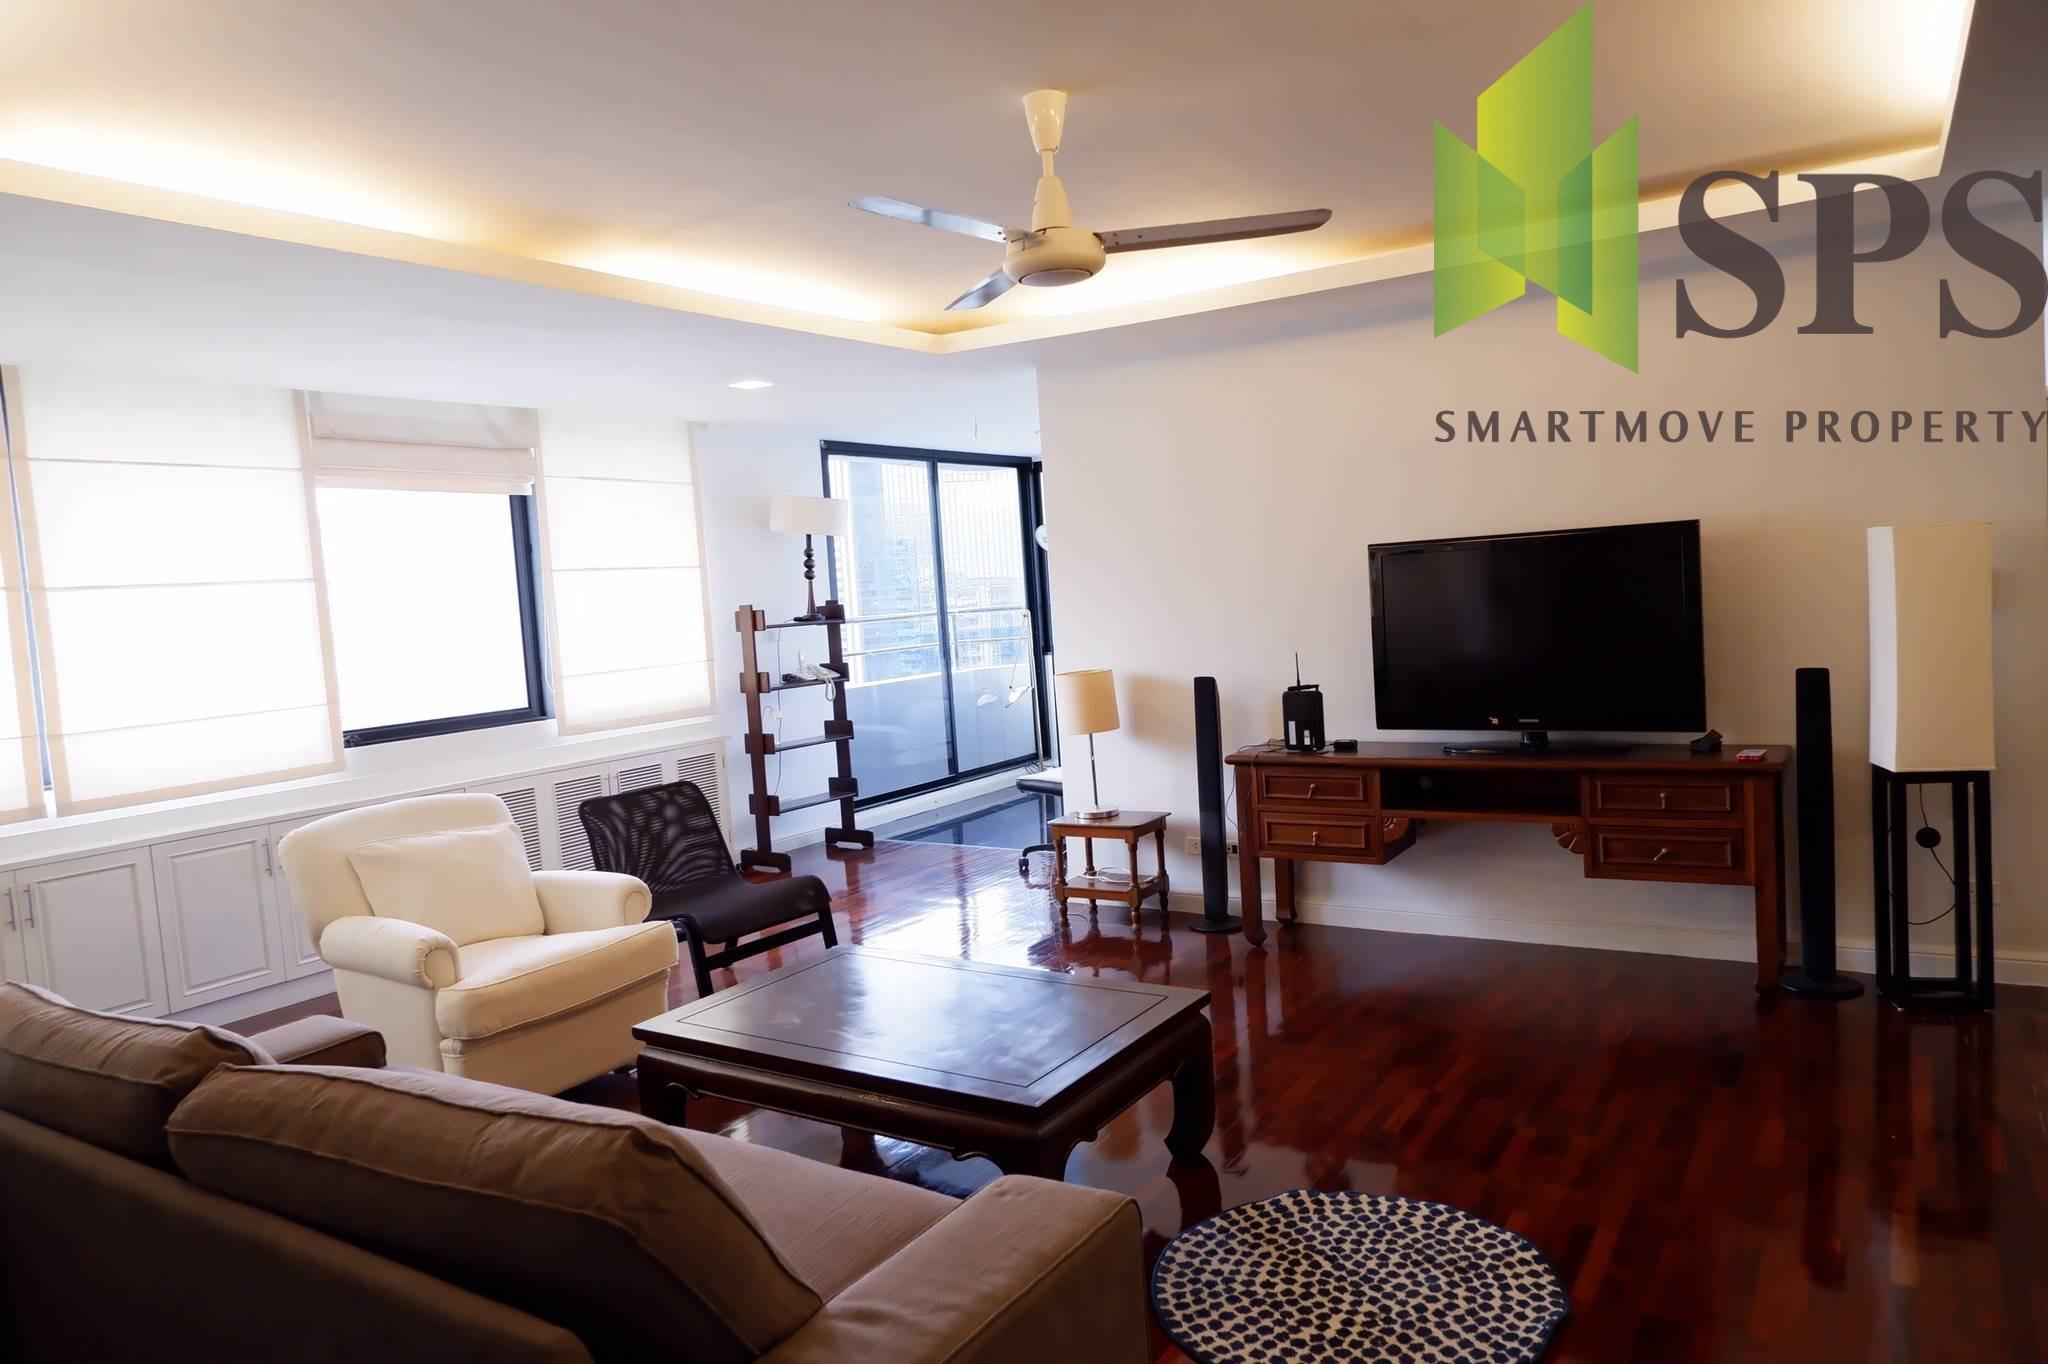 Sukhumvit Casa Condo 3 beds For SALE Asok BTS ( SPSP36)